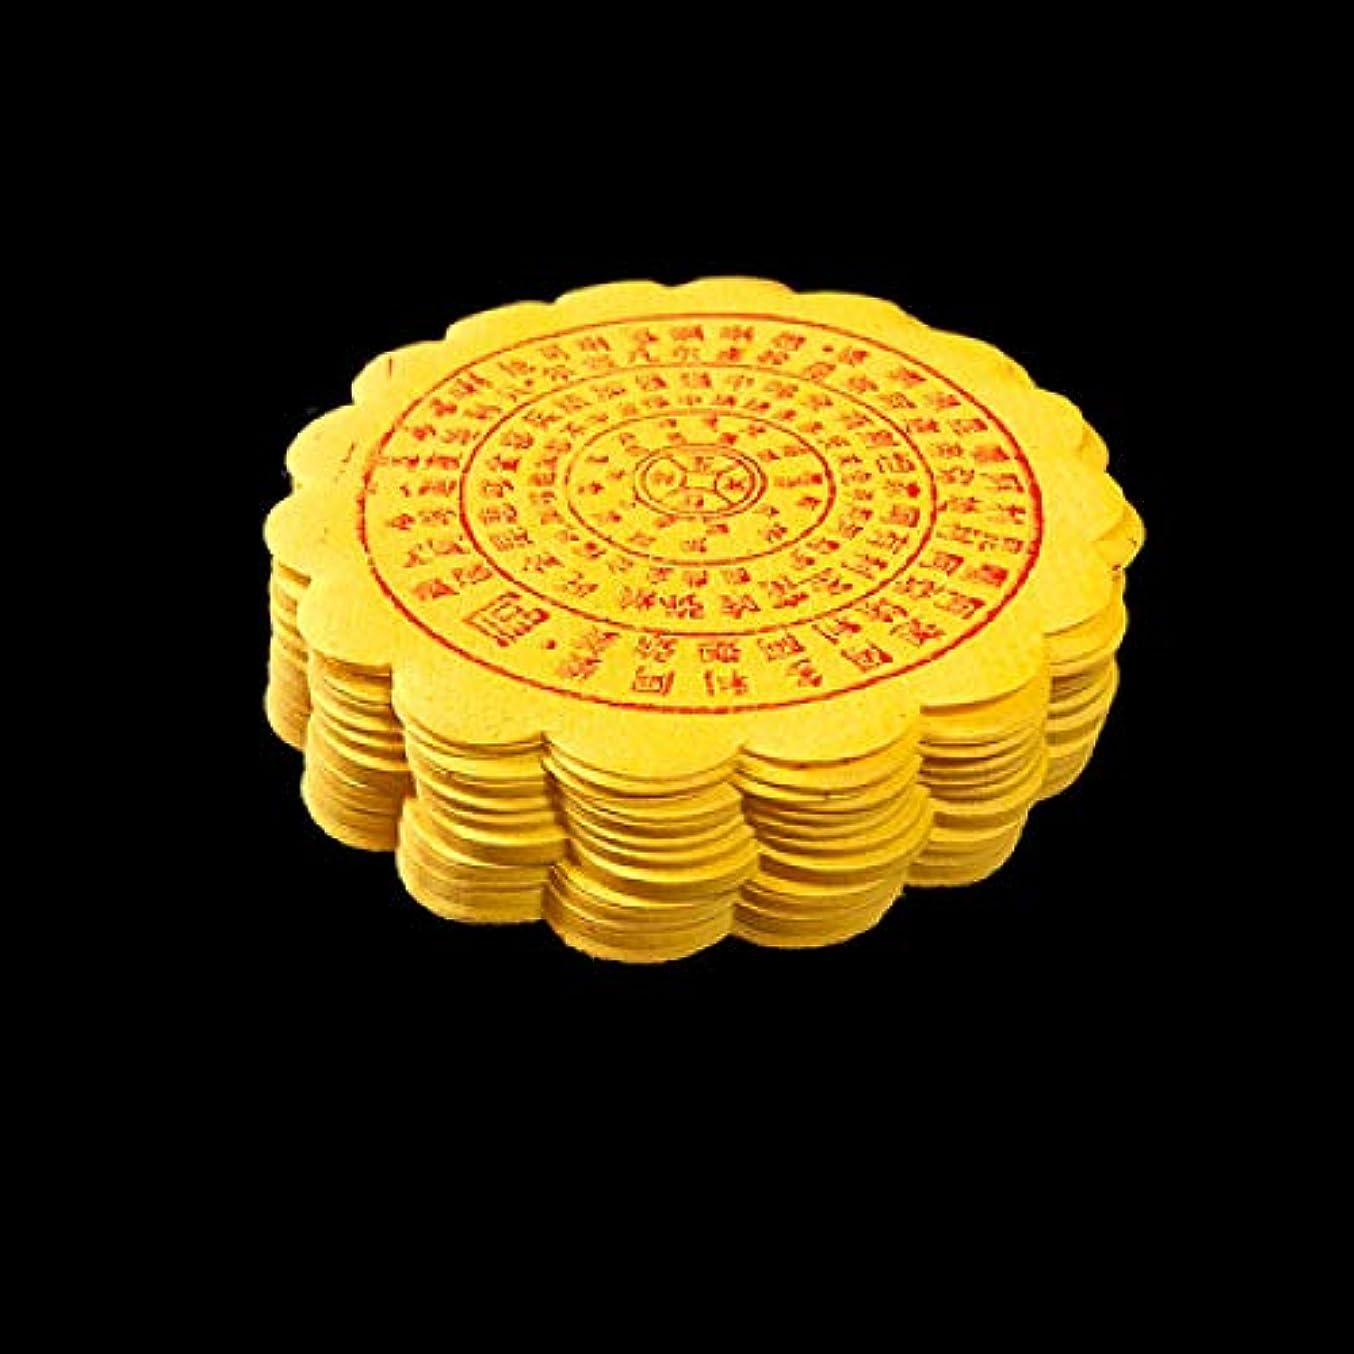 ナインへ脈拍発行する中国偽地獄紙幣/お金中国香り紙天国地獄銀行売られ過ぎ人D12cm(200ピース)